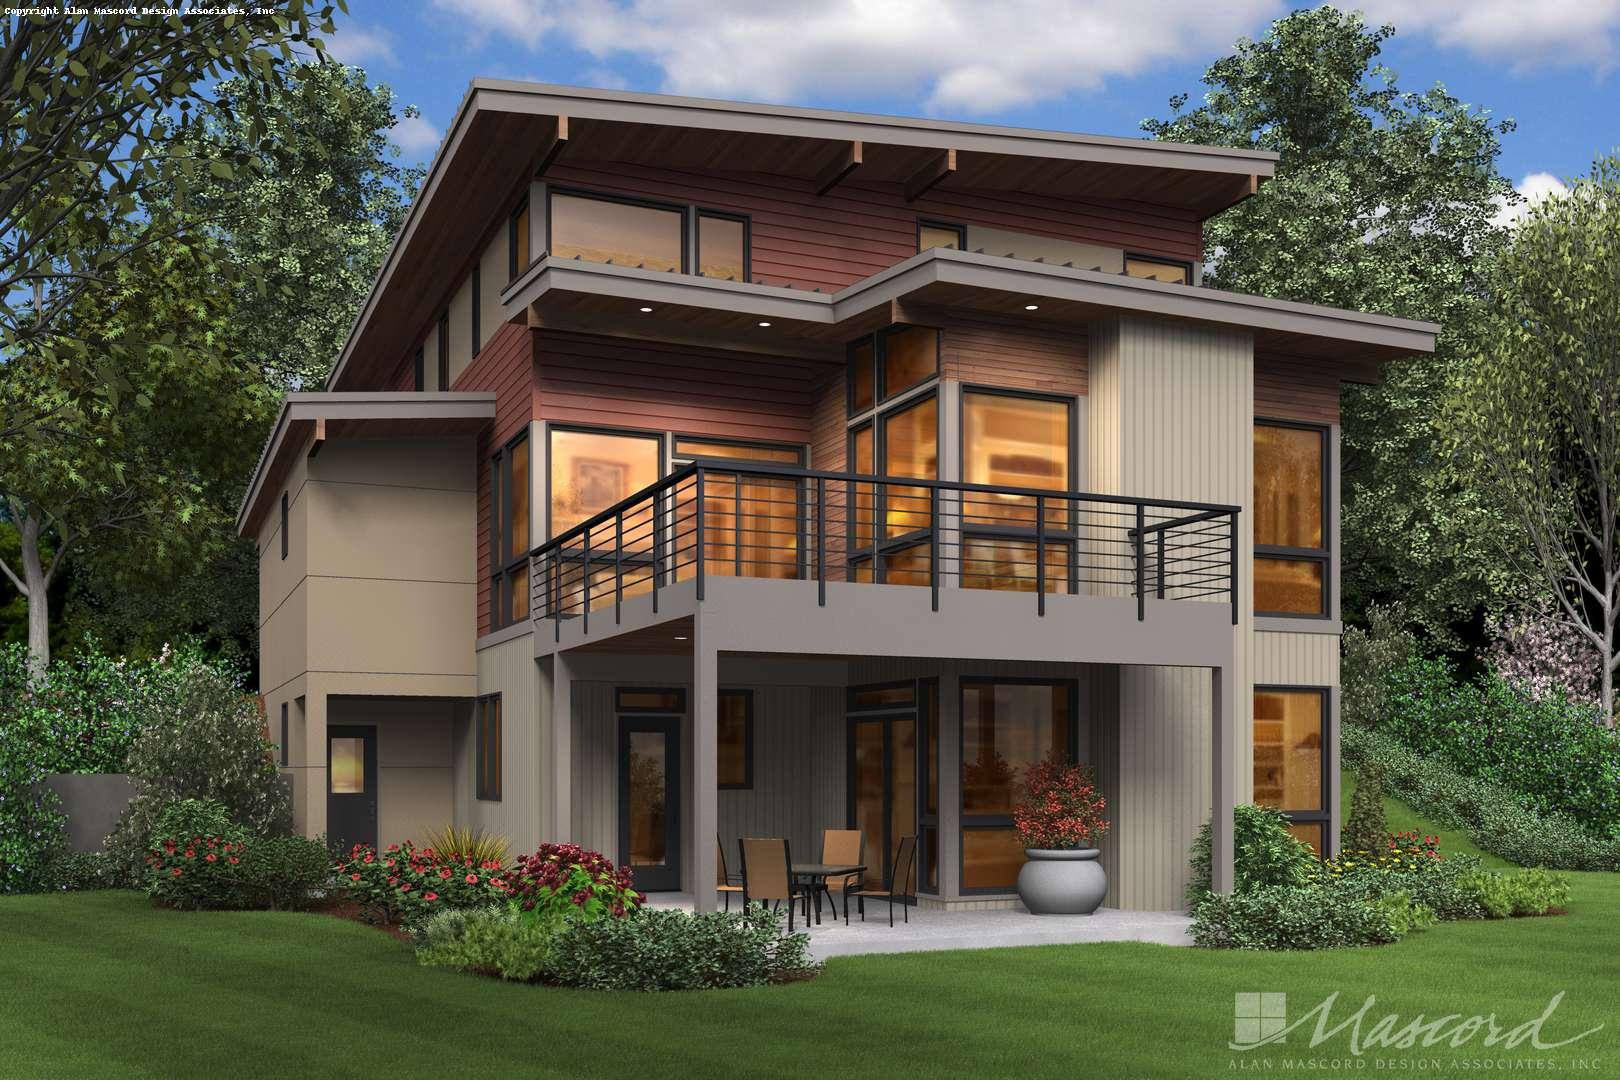 Contemporary House Plan 23101 The Ontario 3026 Sqft 4